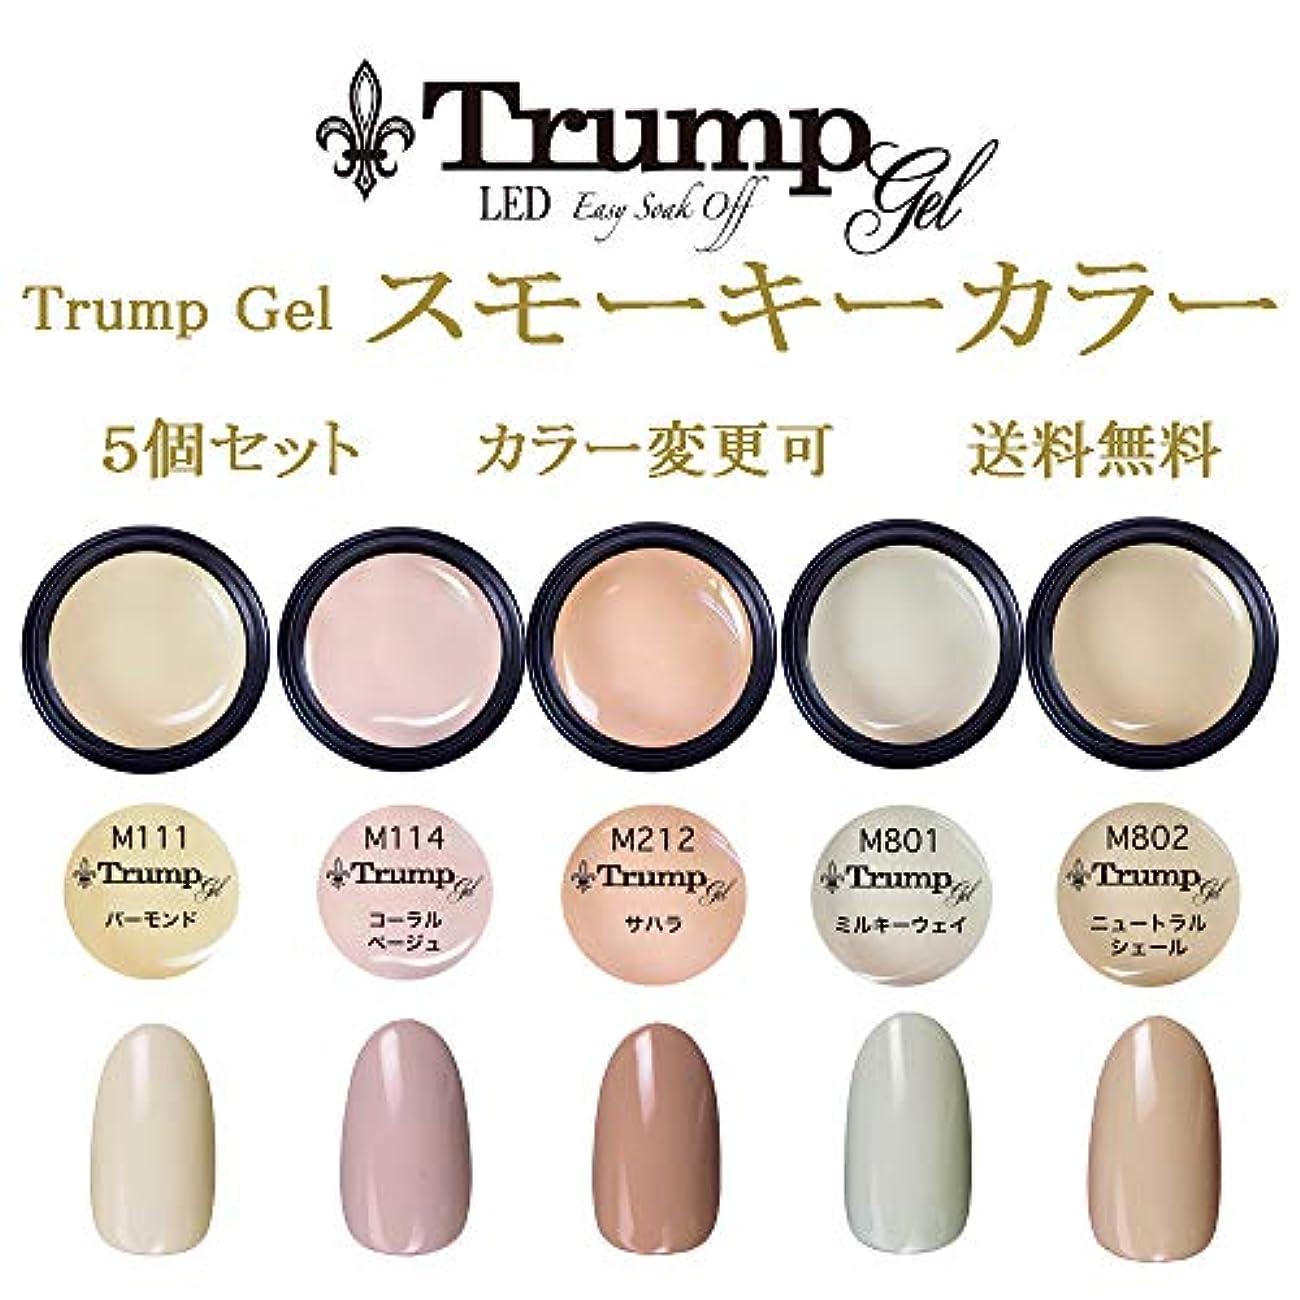 スカルク絶えず実証する日本製 Trump gel トランプジェル スモーキーカラー 選べる カラージェル 5個セット スモーク ベージュ グレー ブラウン ピンク